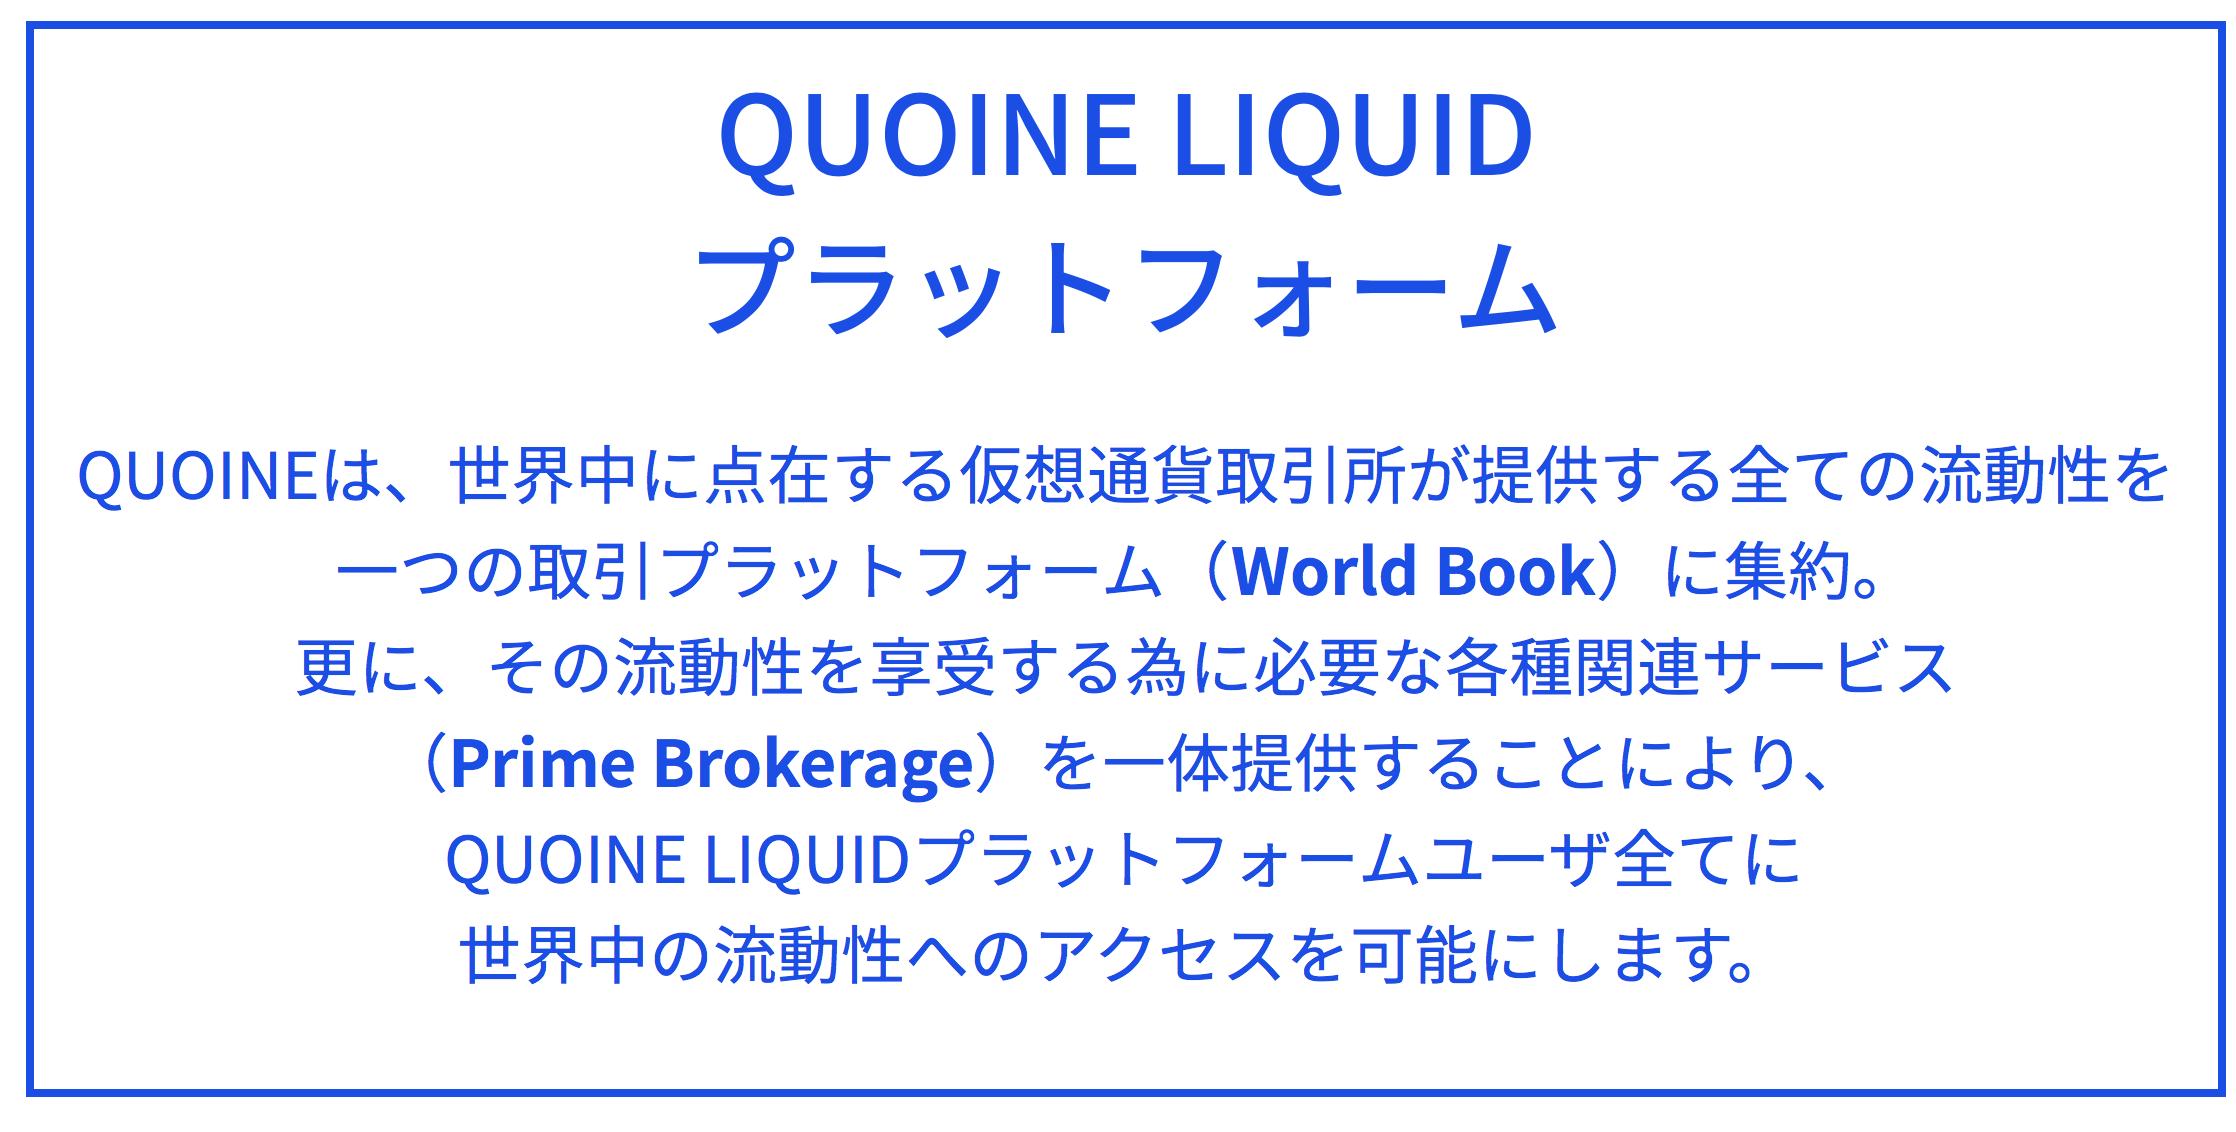 QUOINE LIQUID ワールドブック